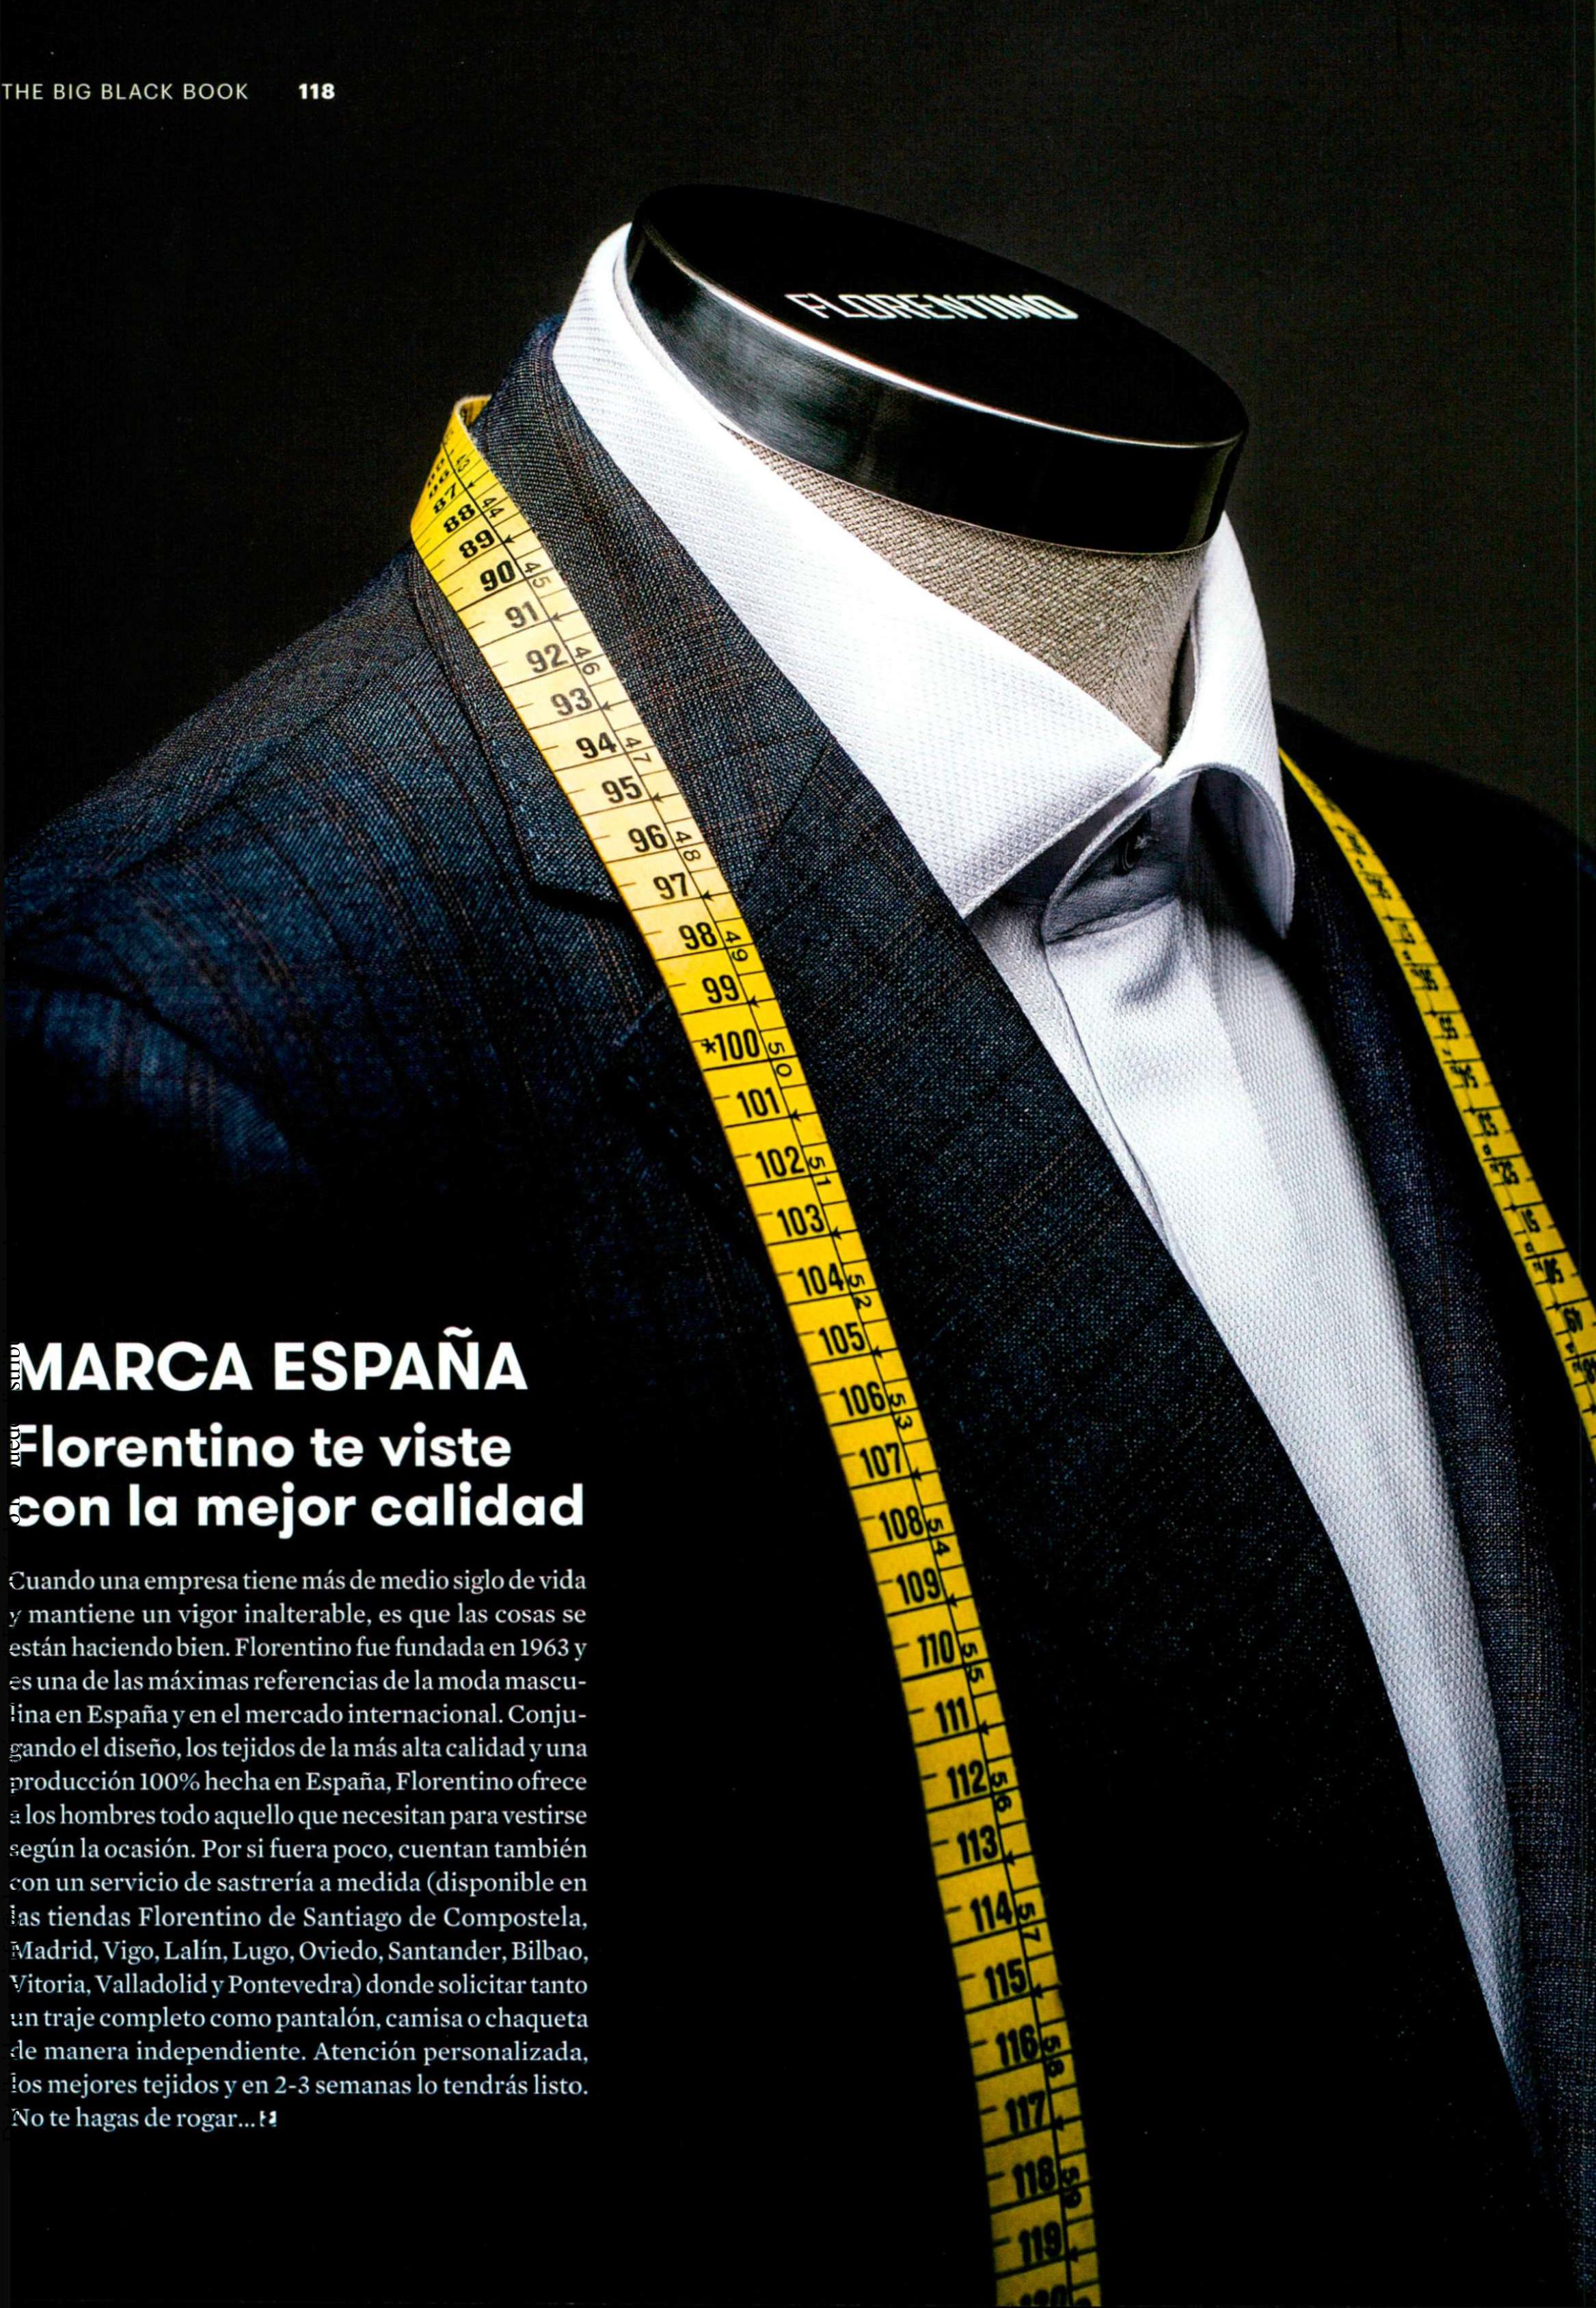 Florentino & Esquire Big Black Book